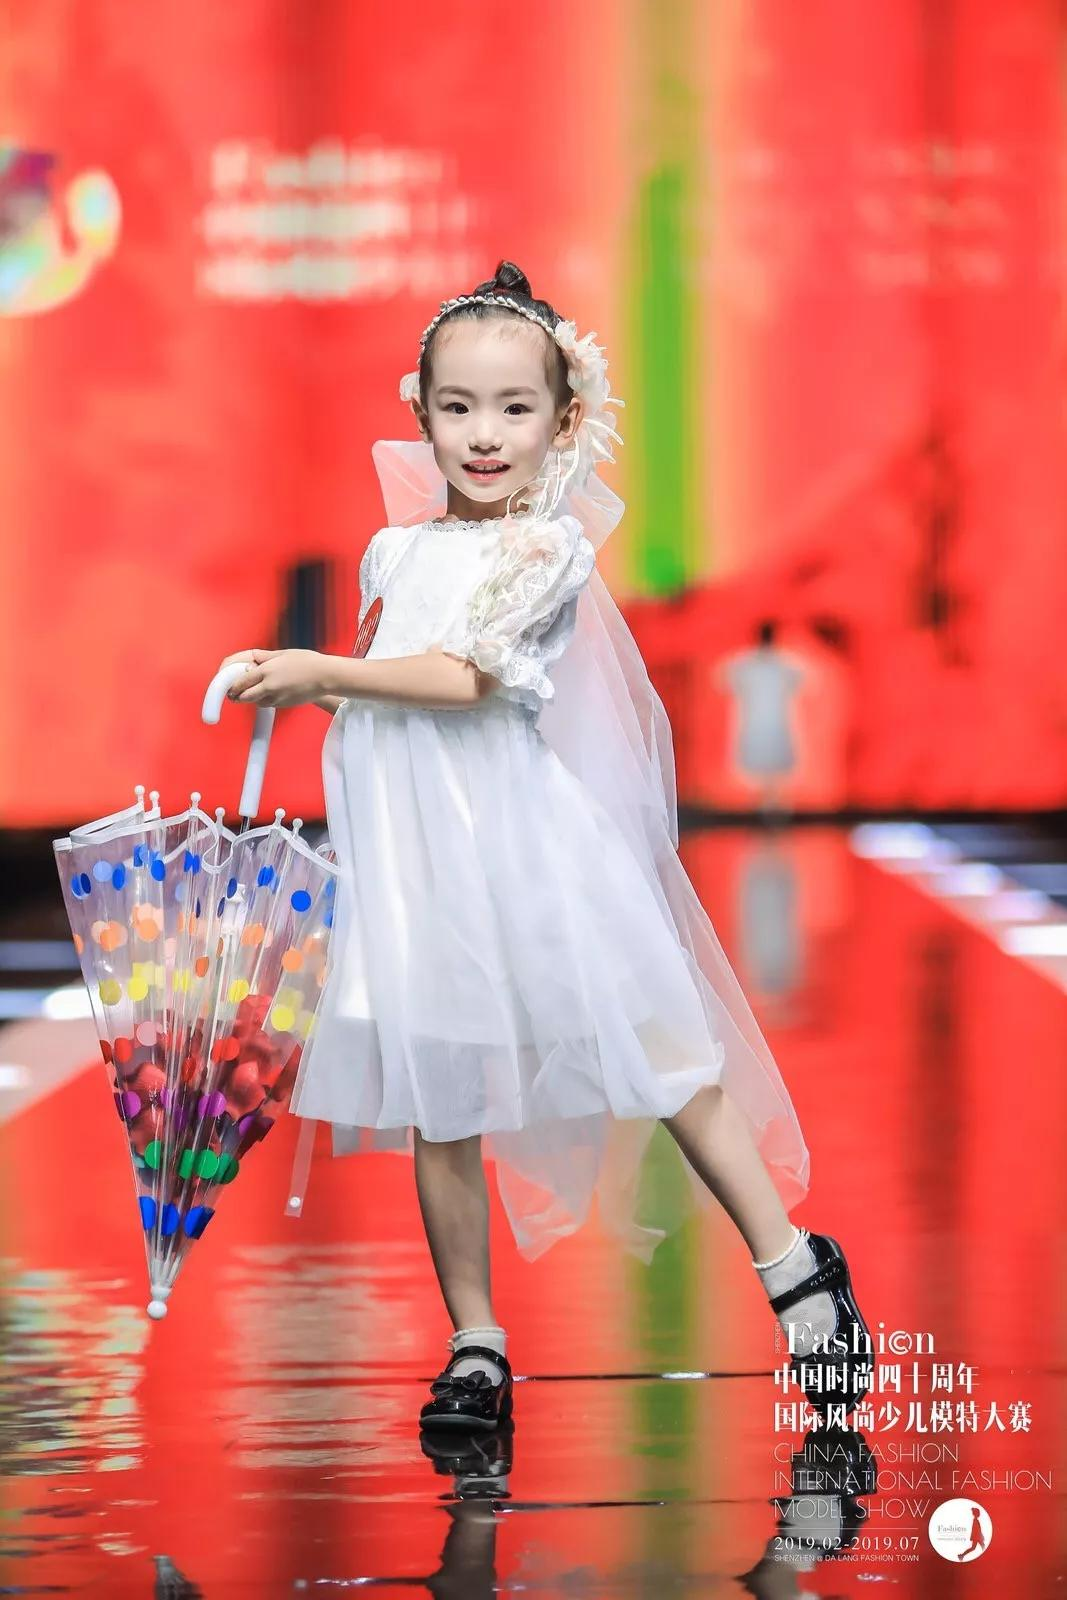 国际风尚   2019国际风尚少儿模特大赛opal组冠军——